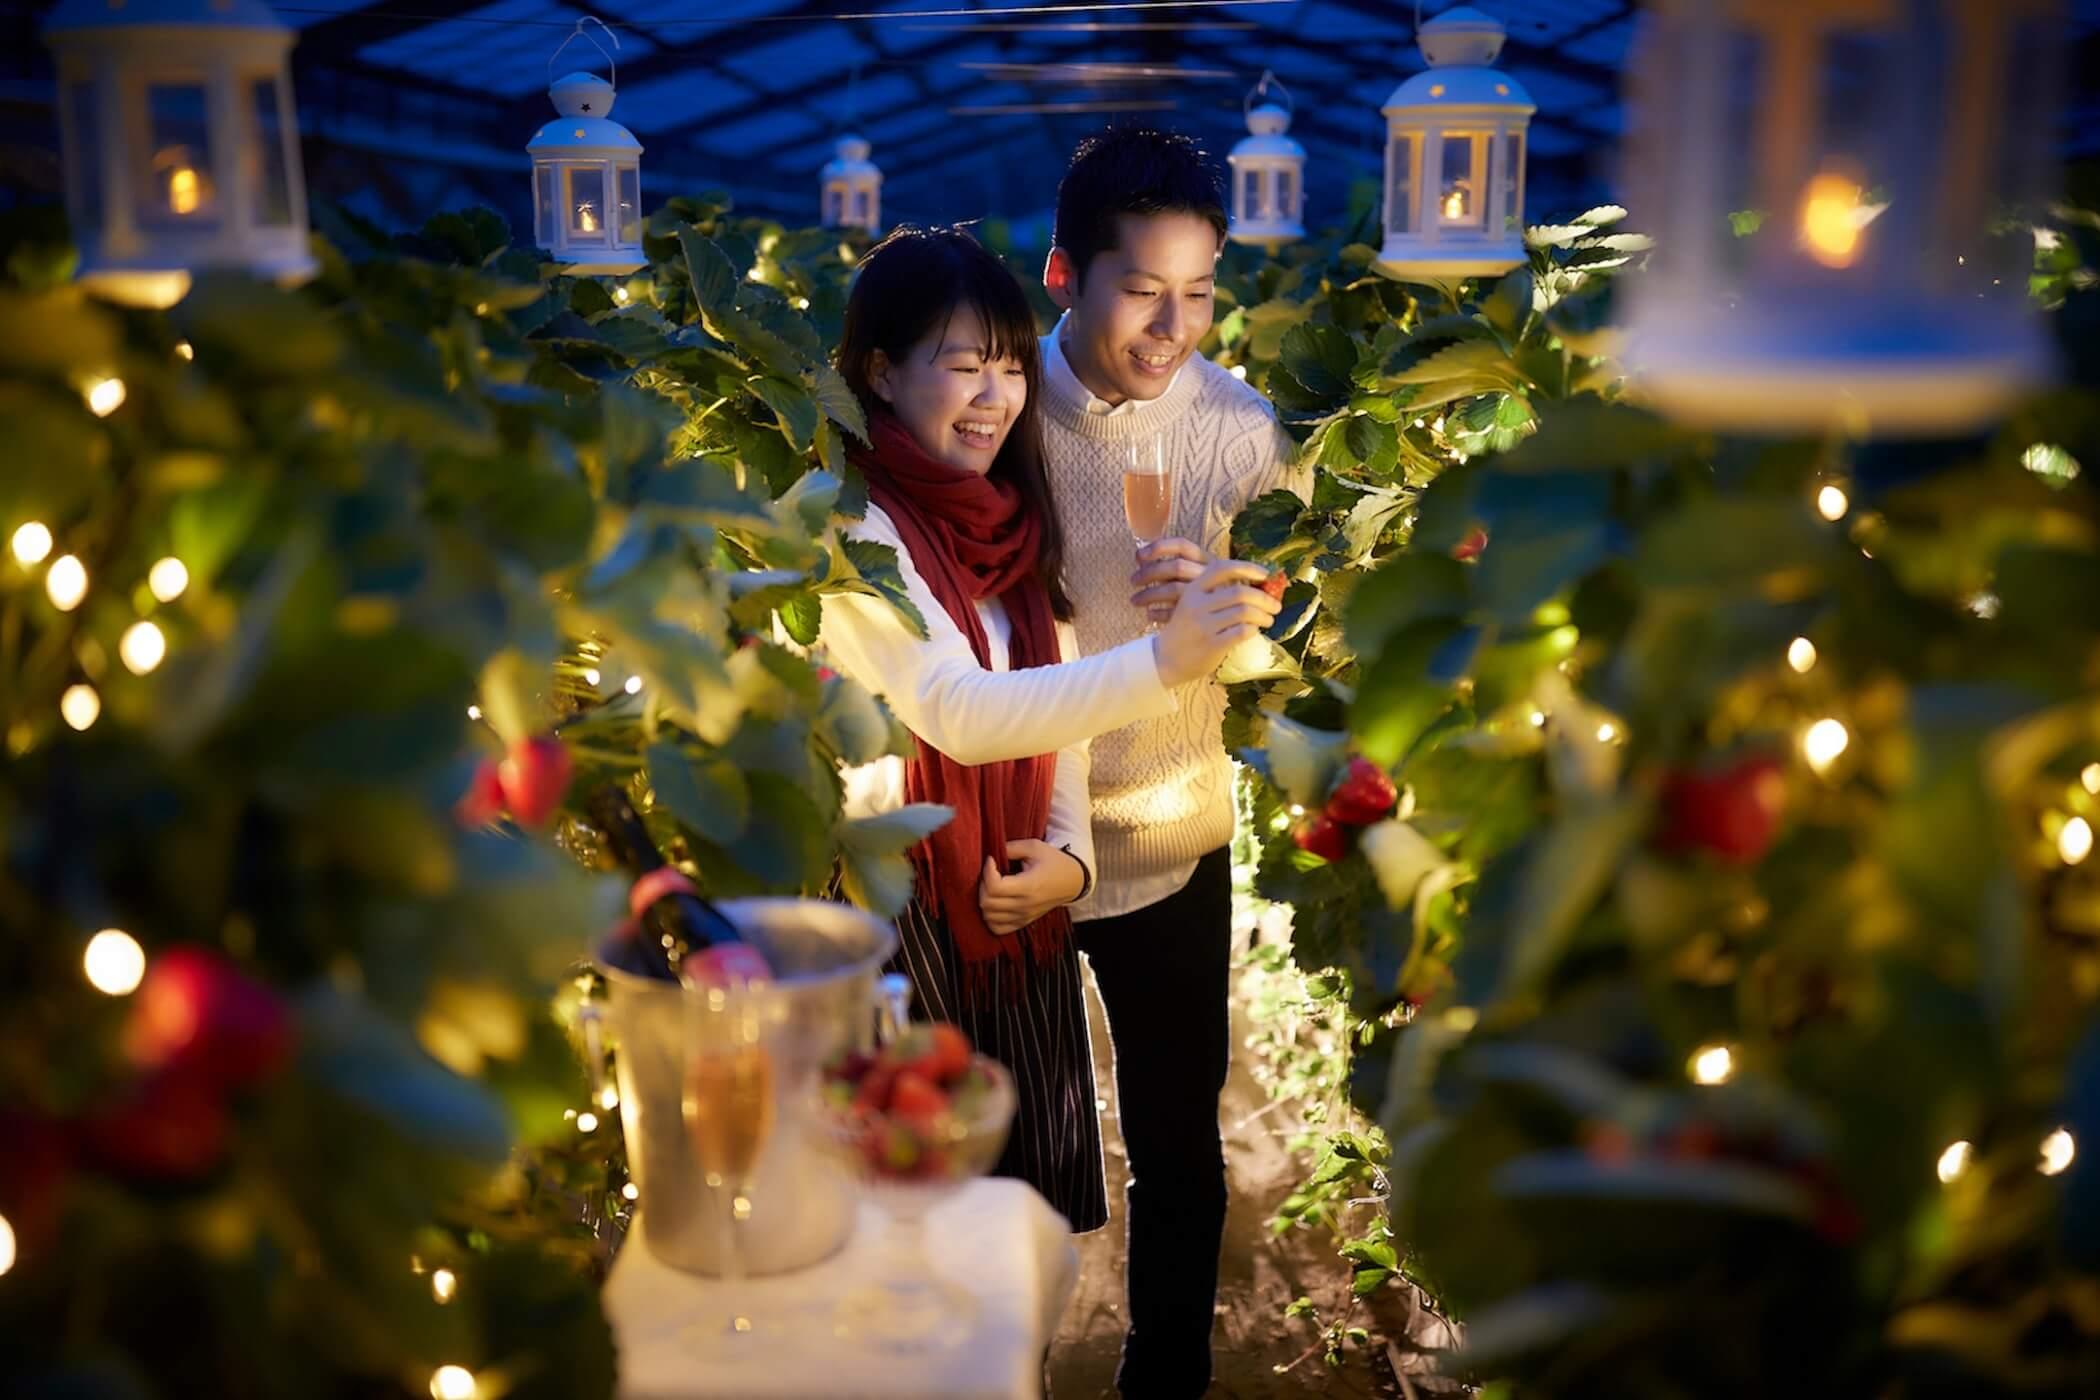 今年もいちごの季節到来! 【日本各地のいちごグルメ】 Photo Gallery_1_50